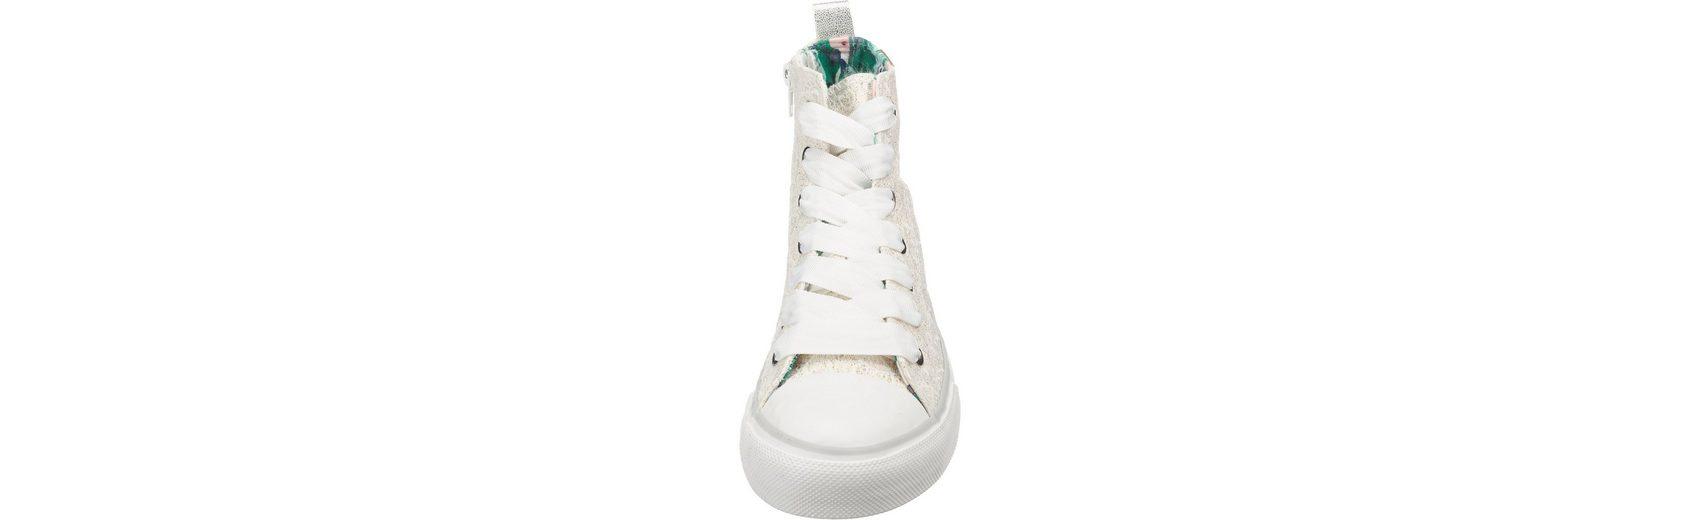 Freies Verschiffen Niedrig Versandkosten Fritzi aus Preußen Hedi Toe Cap Sneaker All Over Emroidery Sneakers High Billig Viele Arten Von Günstig Kaufen Zahlung Mit Visa vhS028vu